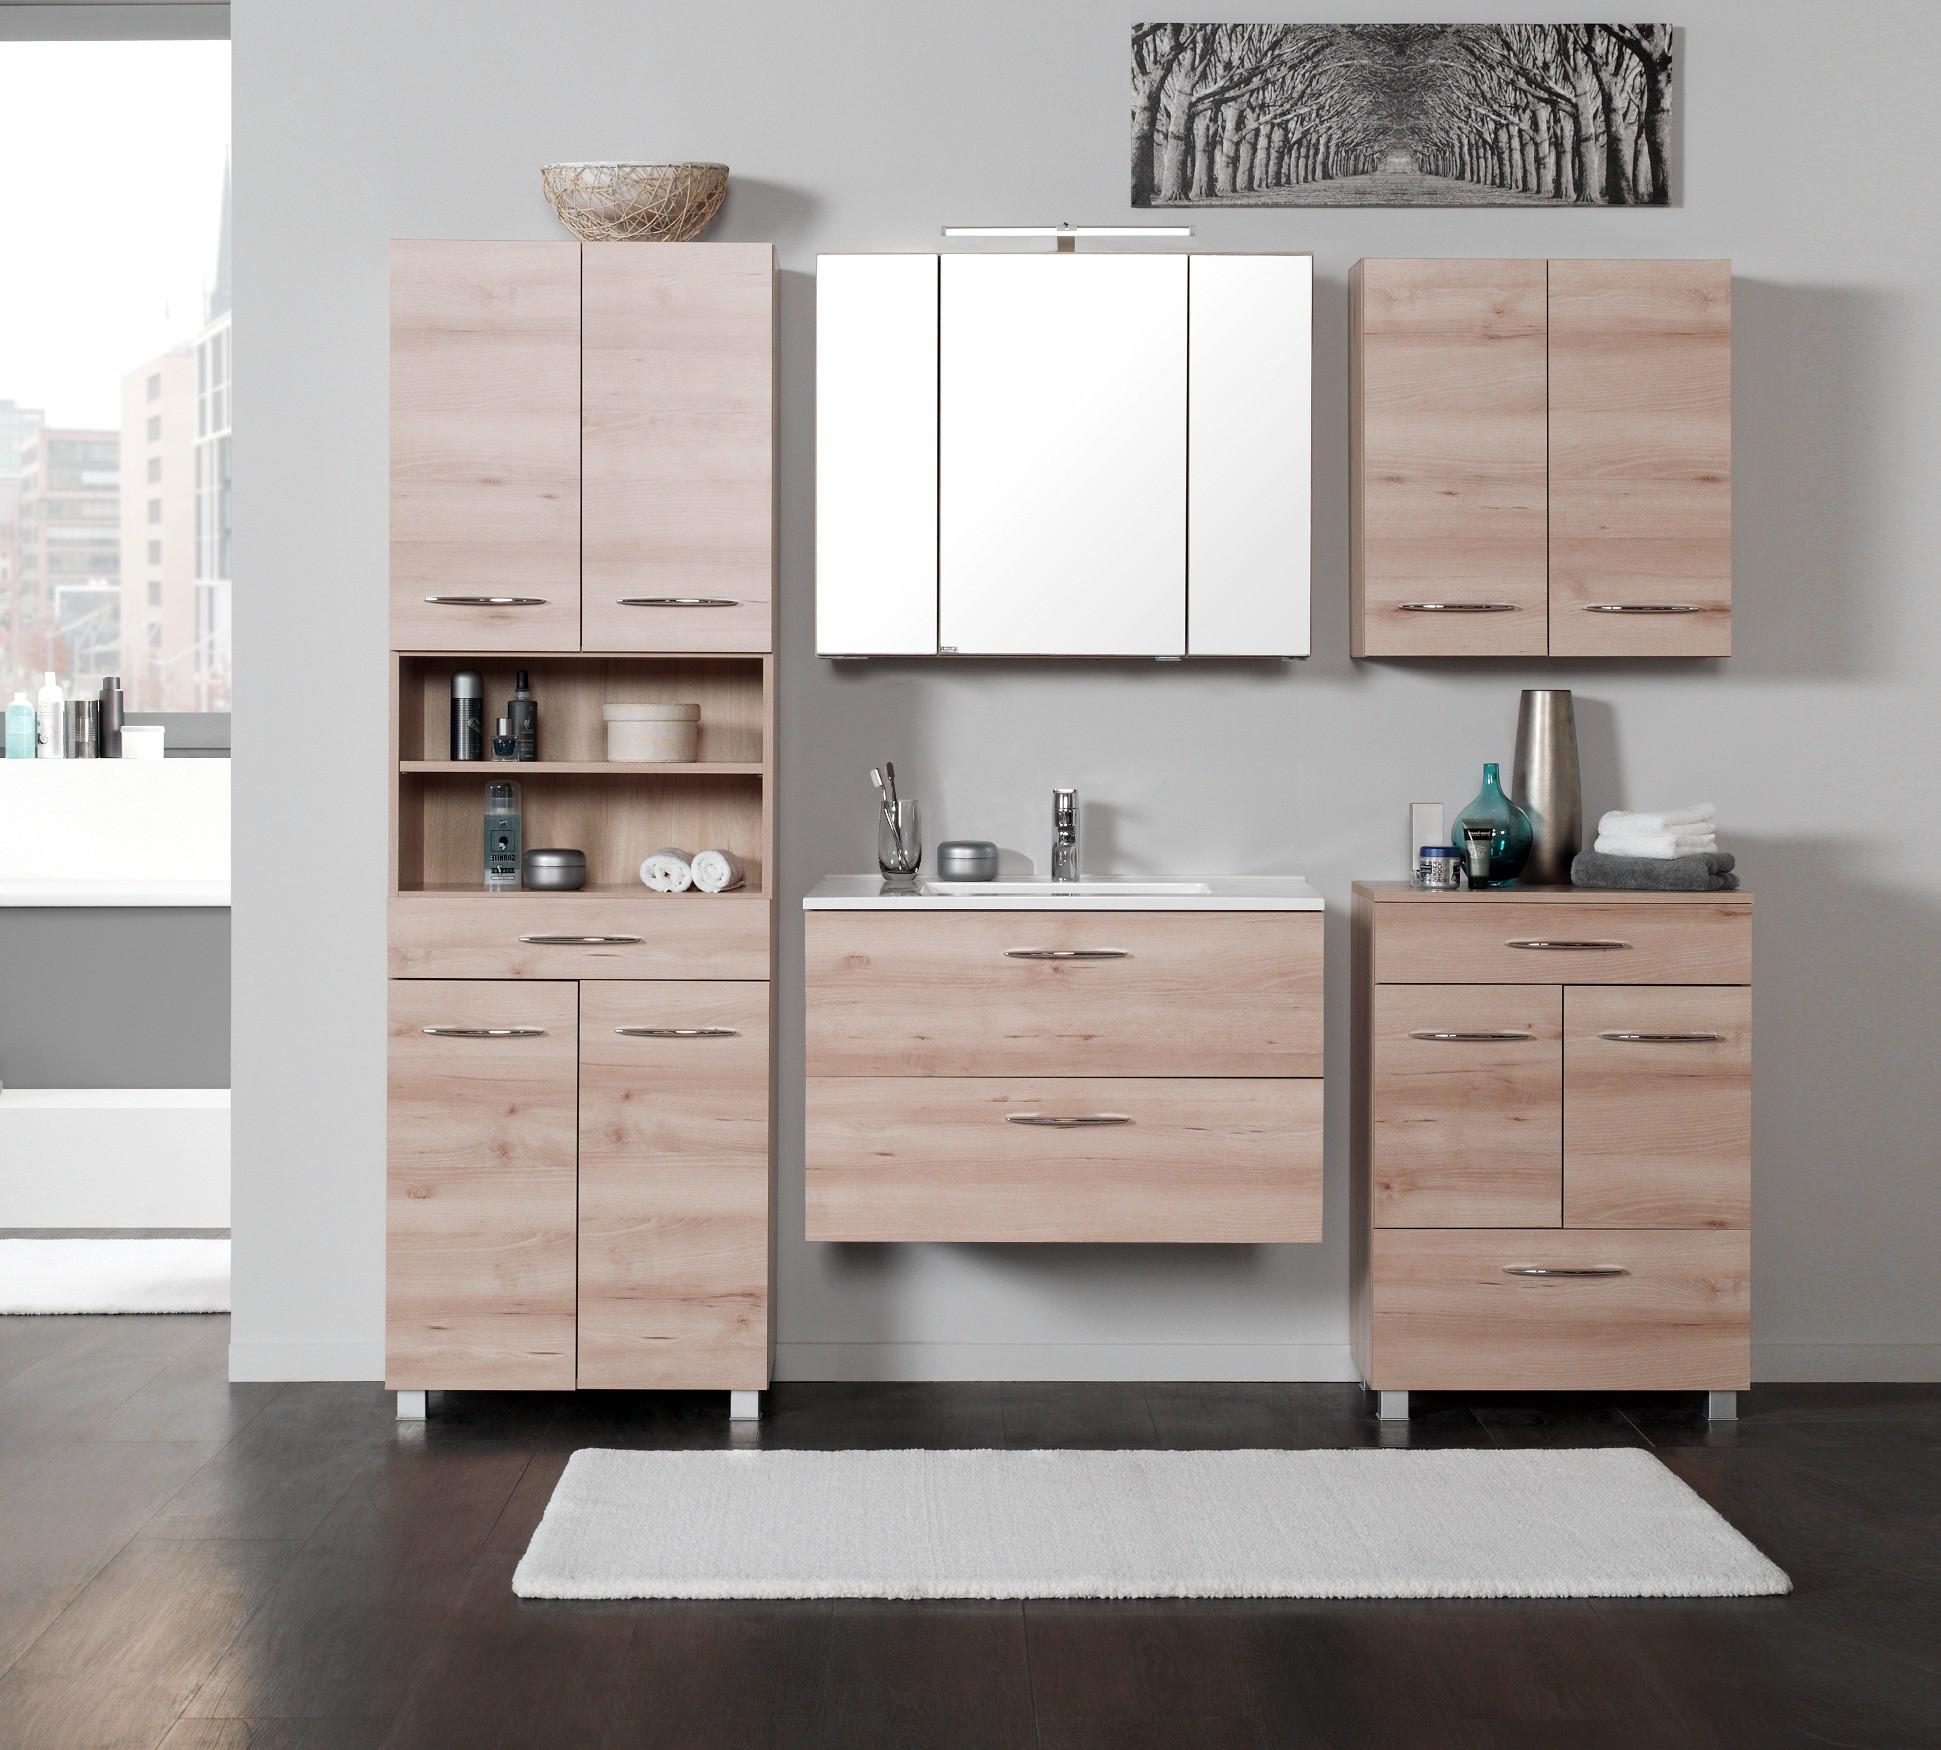 badm bel set portofino mit waschtisch 7 teilig 200 cm breit buche iconic bad badm belsets. Black Bedroom Furniture Sets. Home Design Ideas